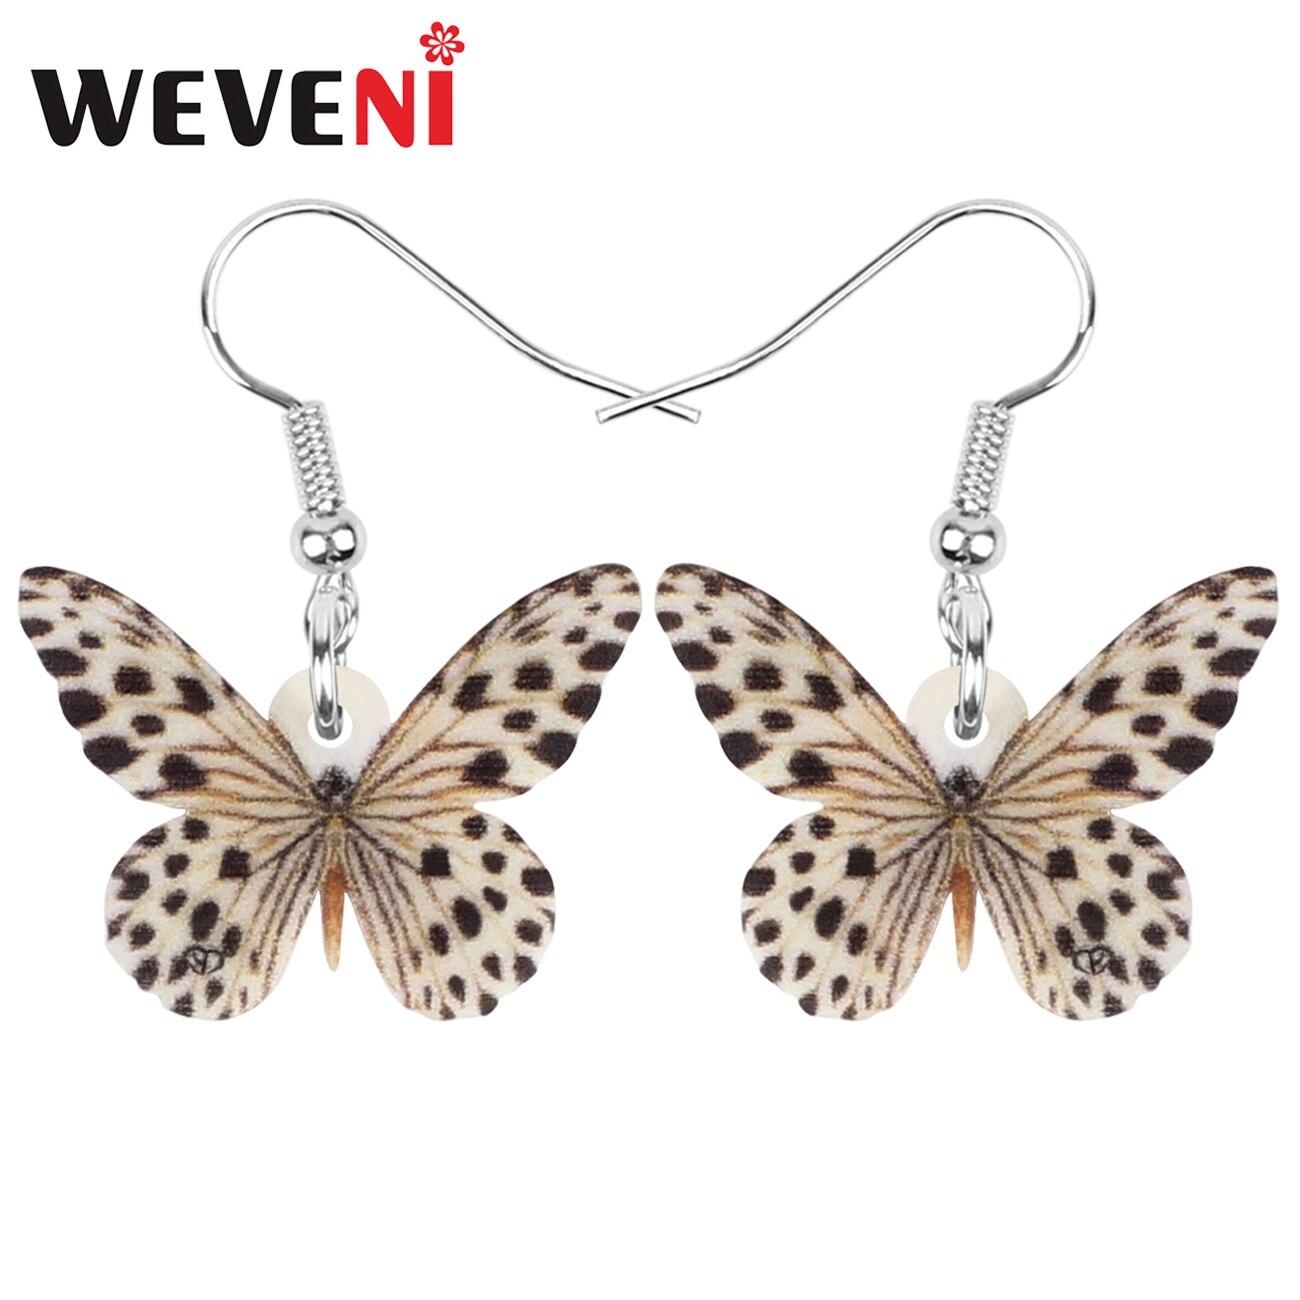 акриловые точечные серьги-Бабочки Монарх большое насекомое животное Висячие ювелирные изделия для женщин Дети Весна классический подарок ...